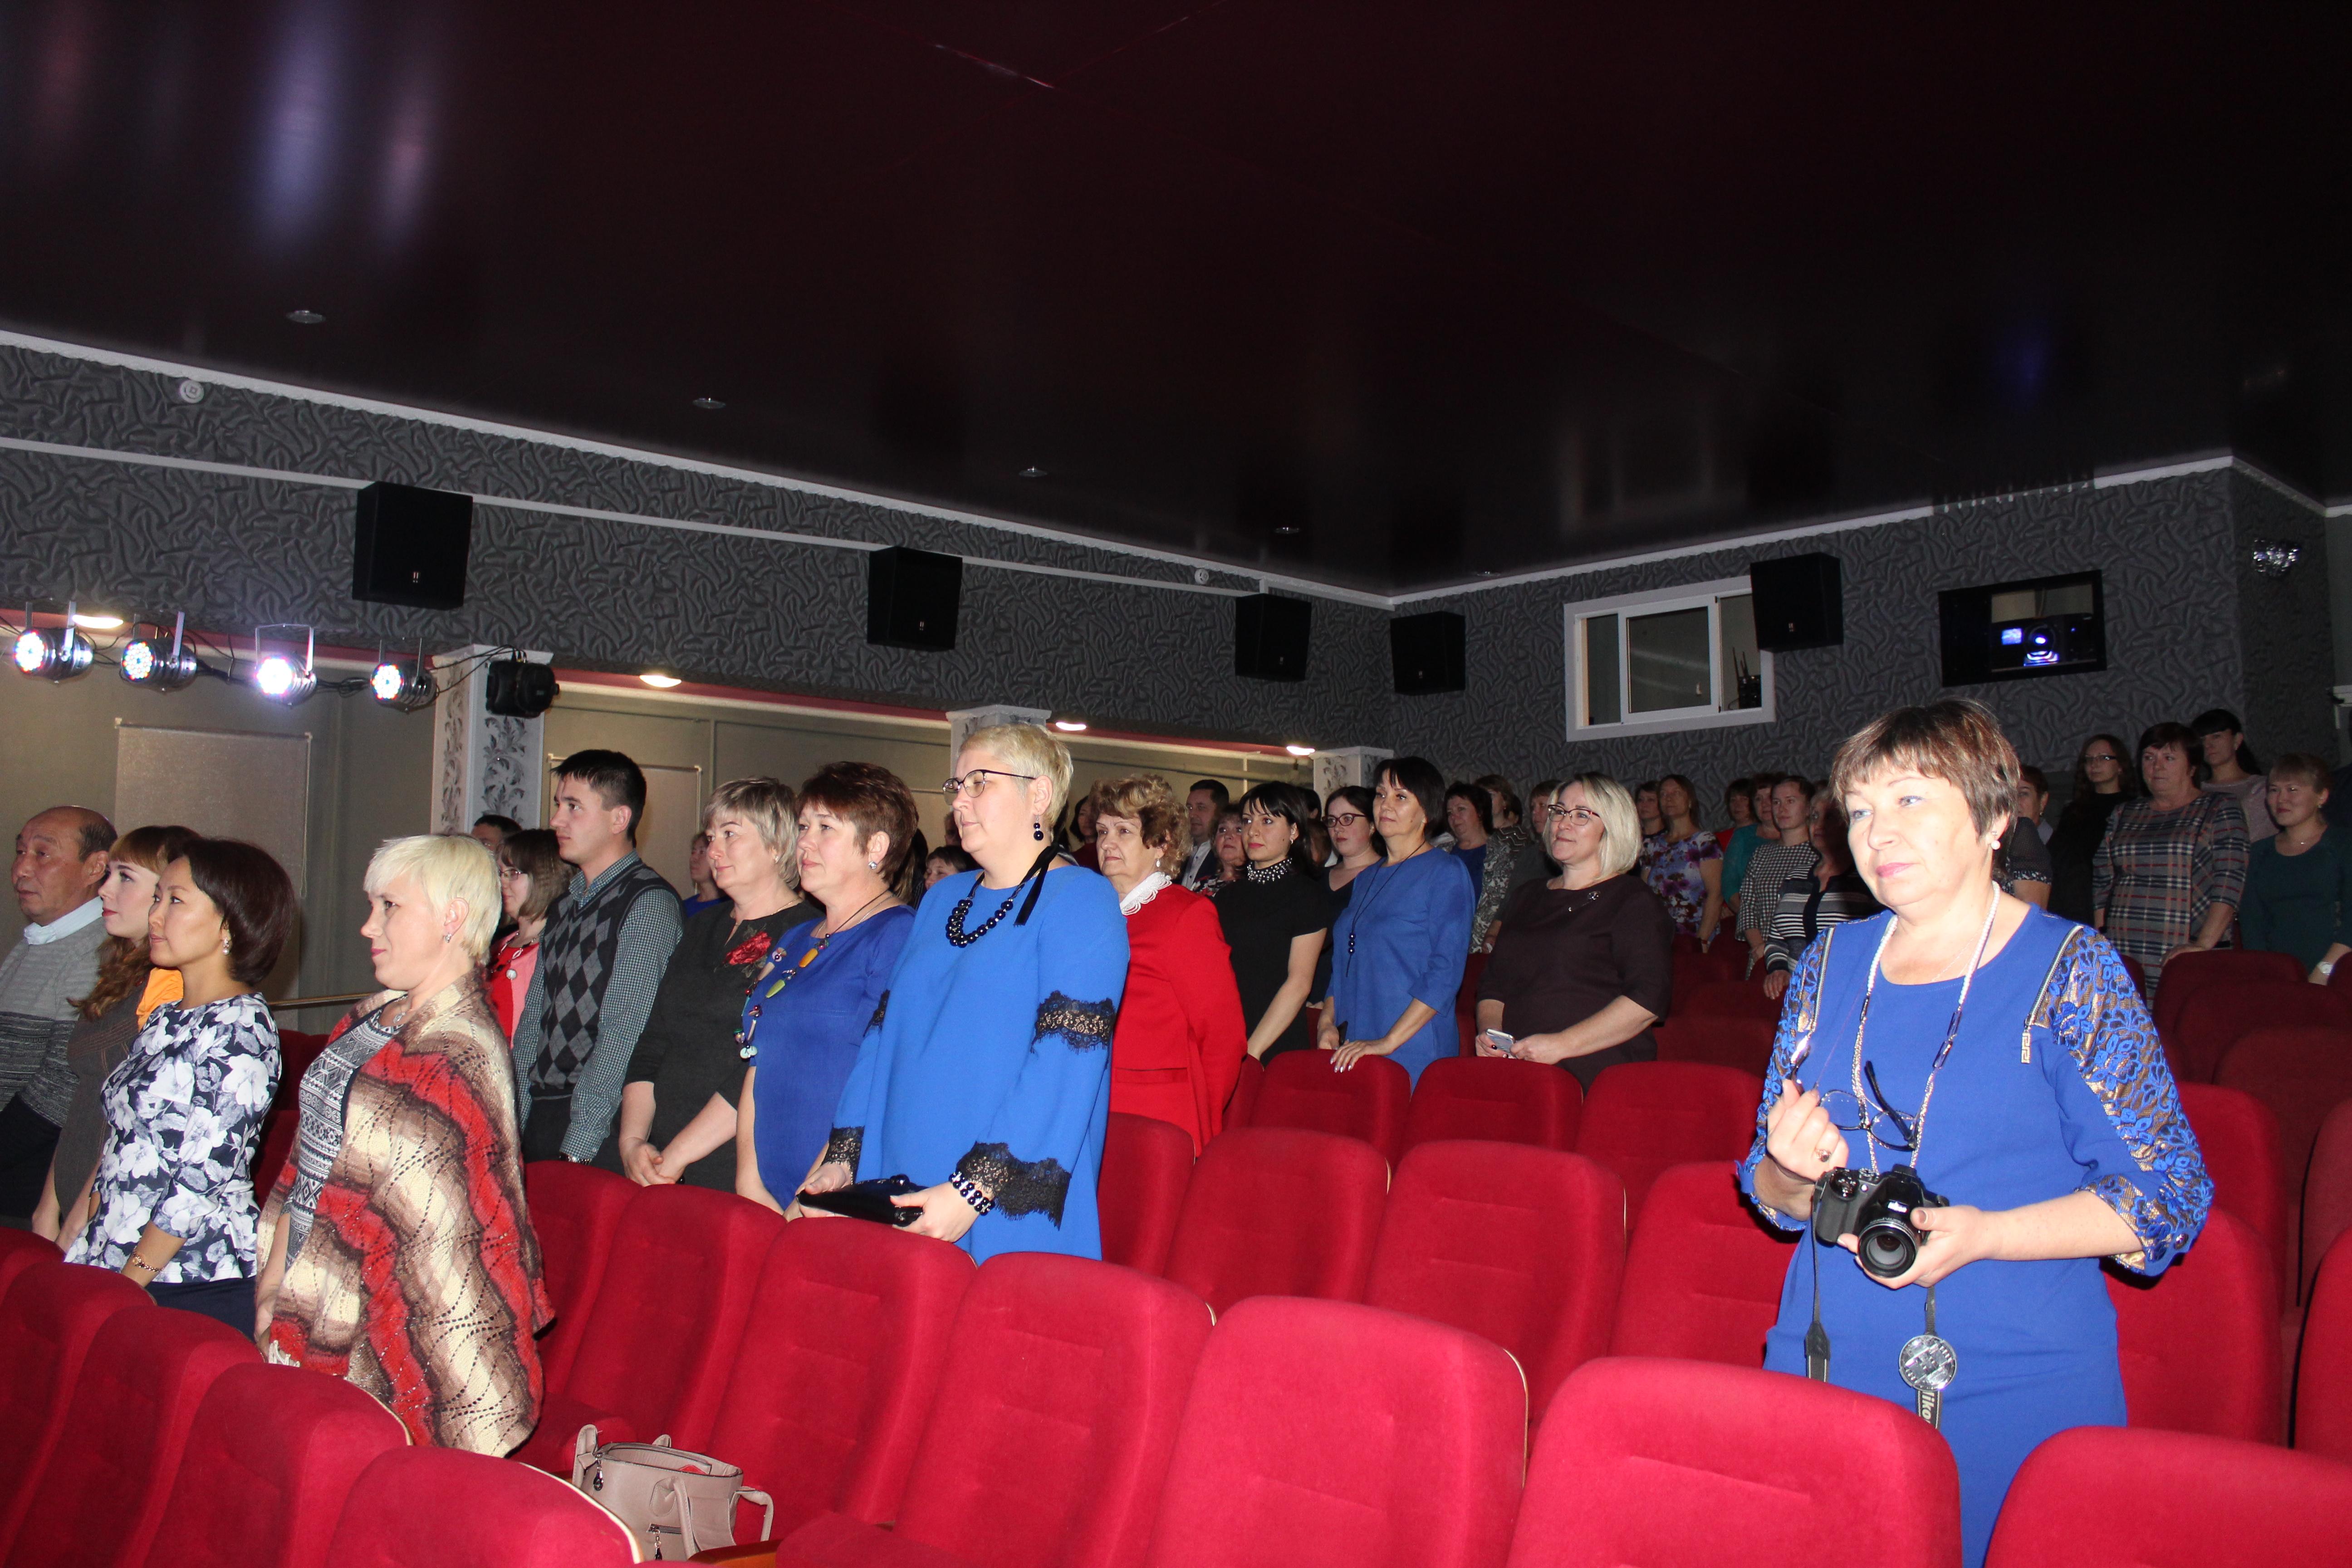 В Качугском районе прошёл День муниципального служащего. Лучшие работники отрасли отмечены наградами мэра муниципального района.